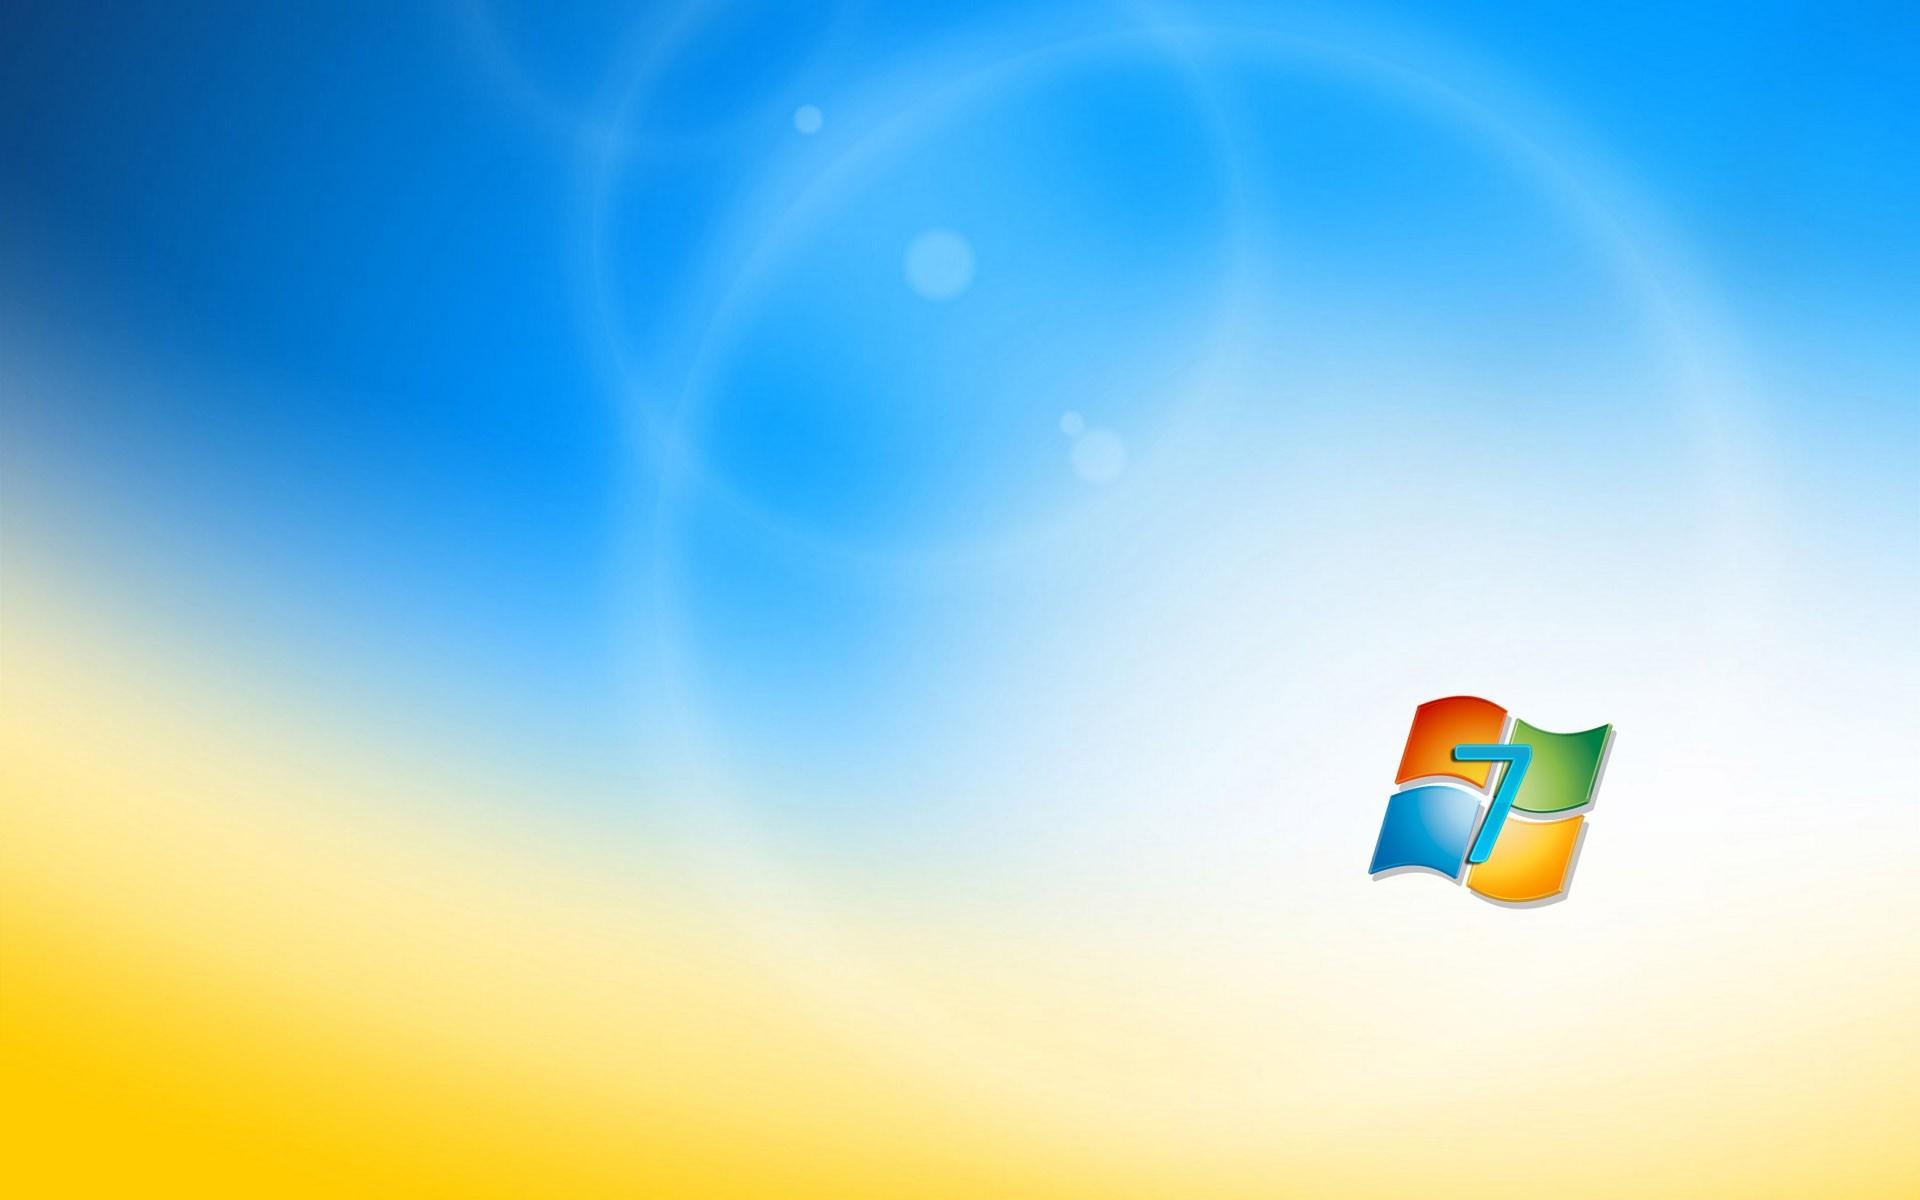 Microsoft Desktop Backgrounds 59 images